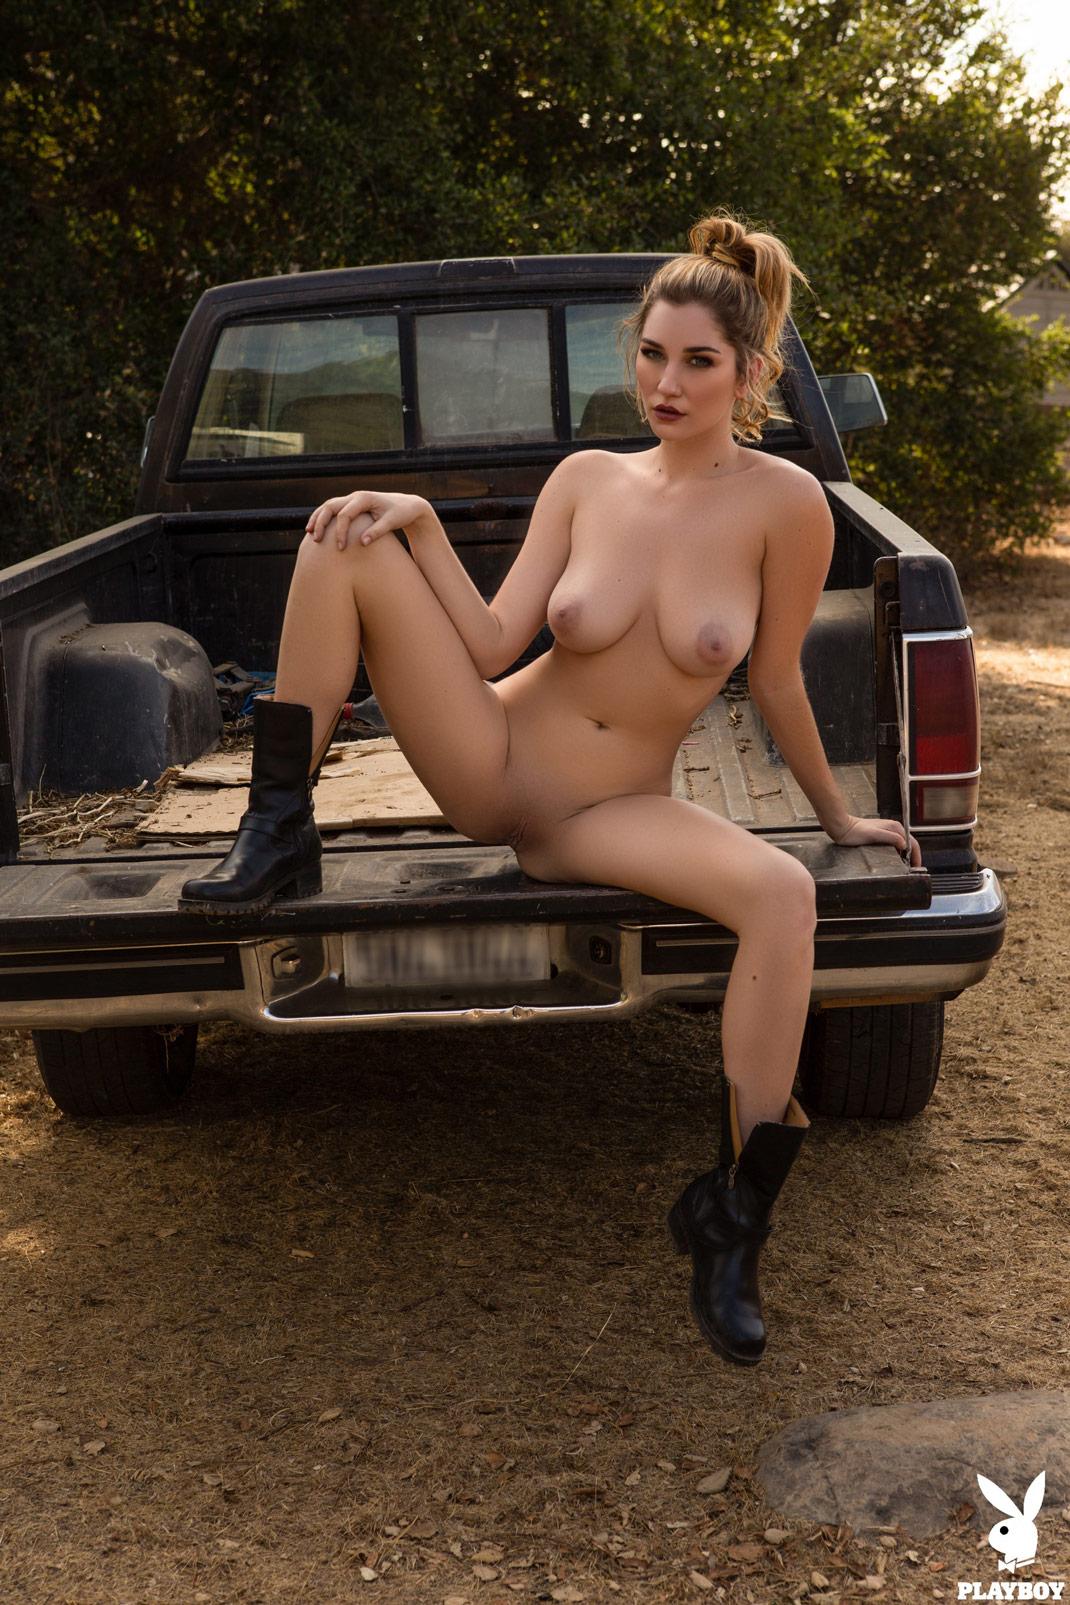 Tits Hacked Olivia Preston naked photo 2017